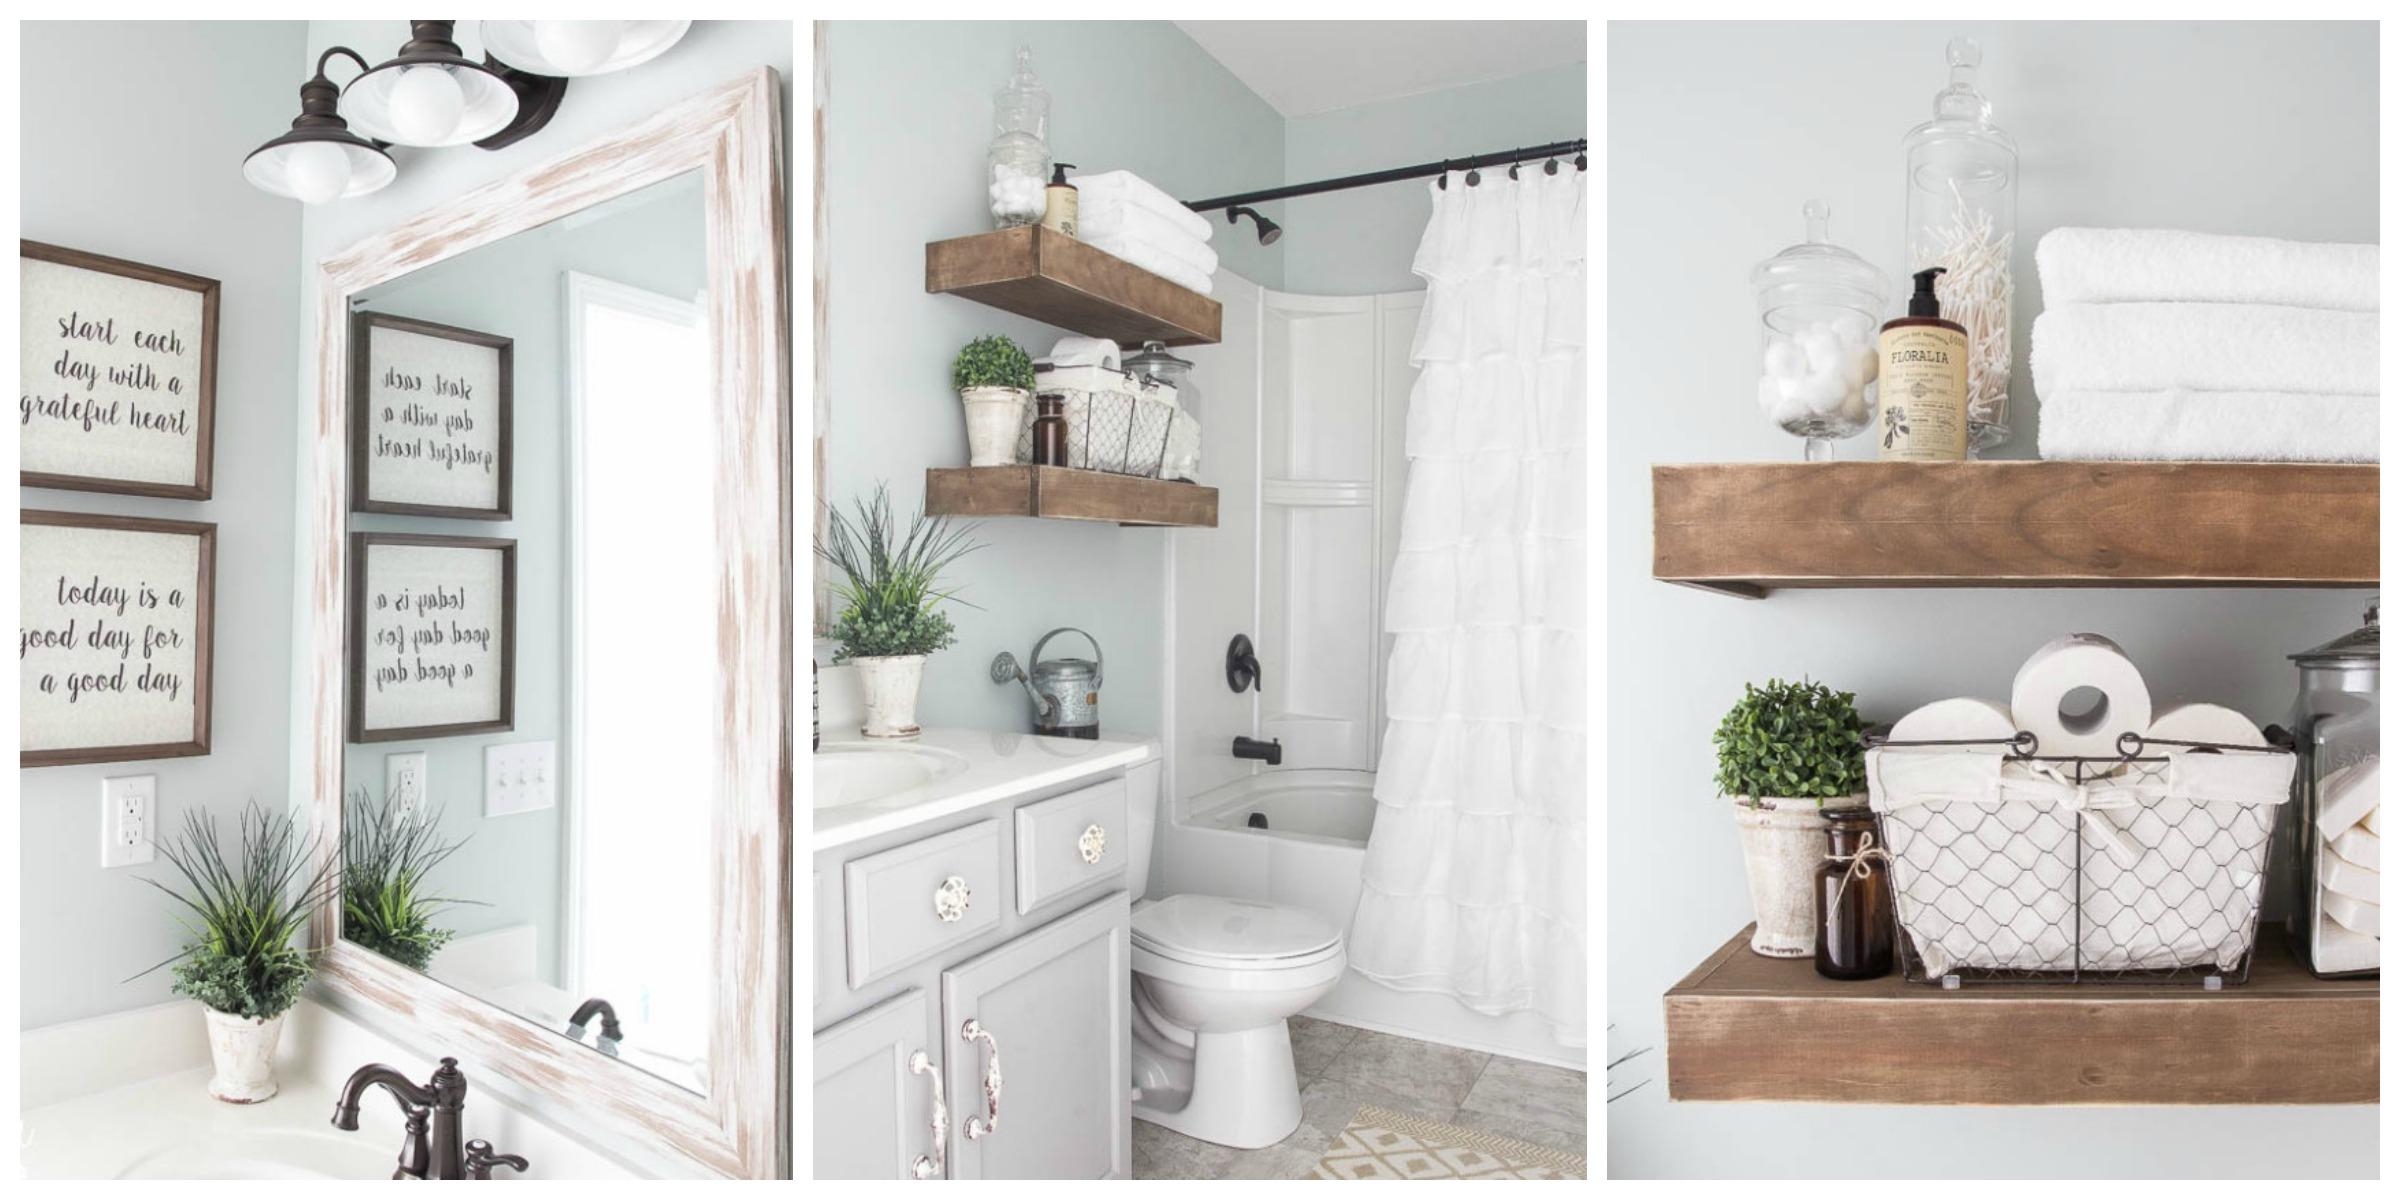 Farmhouse bathroom renovation ideas bless 39 er house blog for Farm bathroom